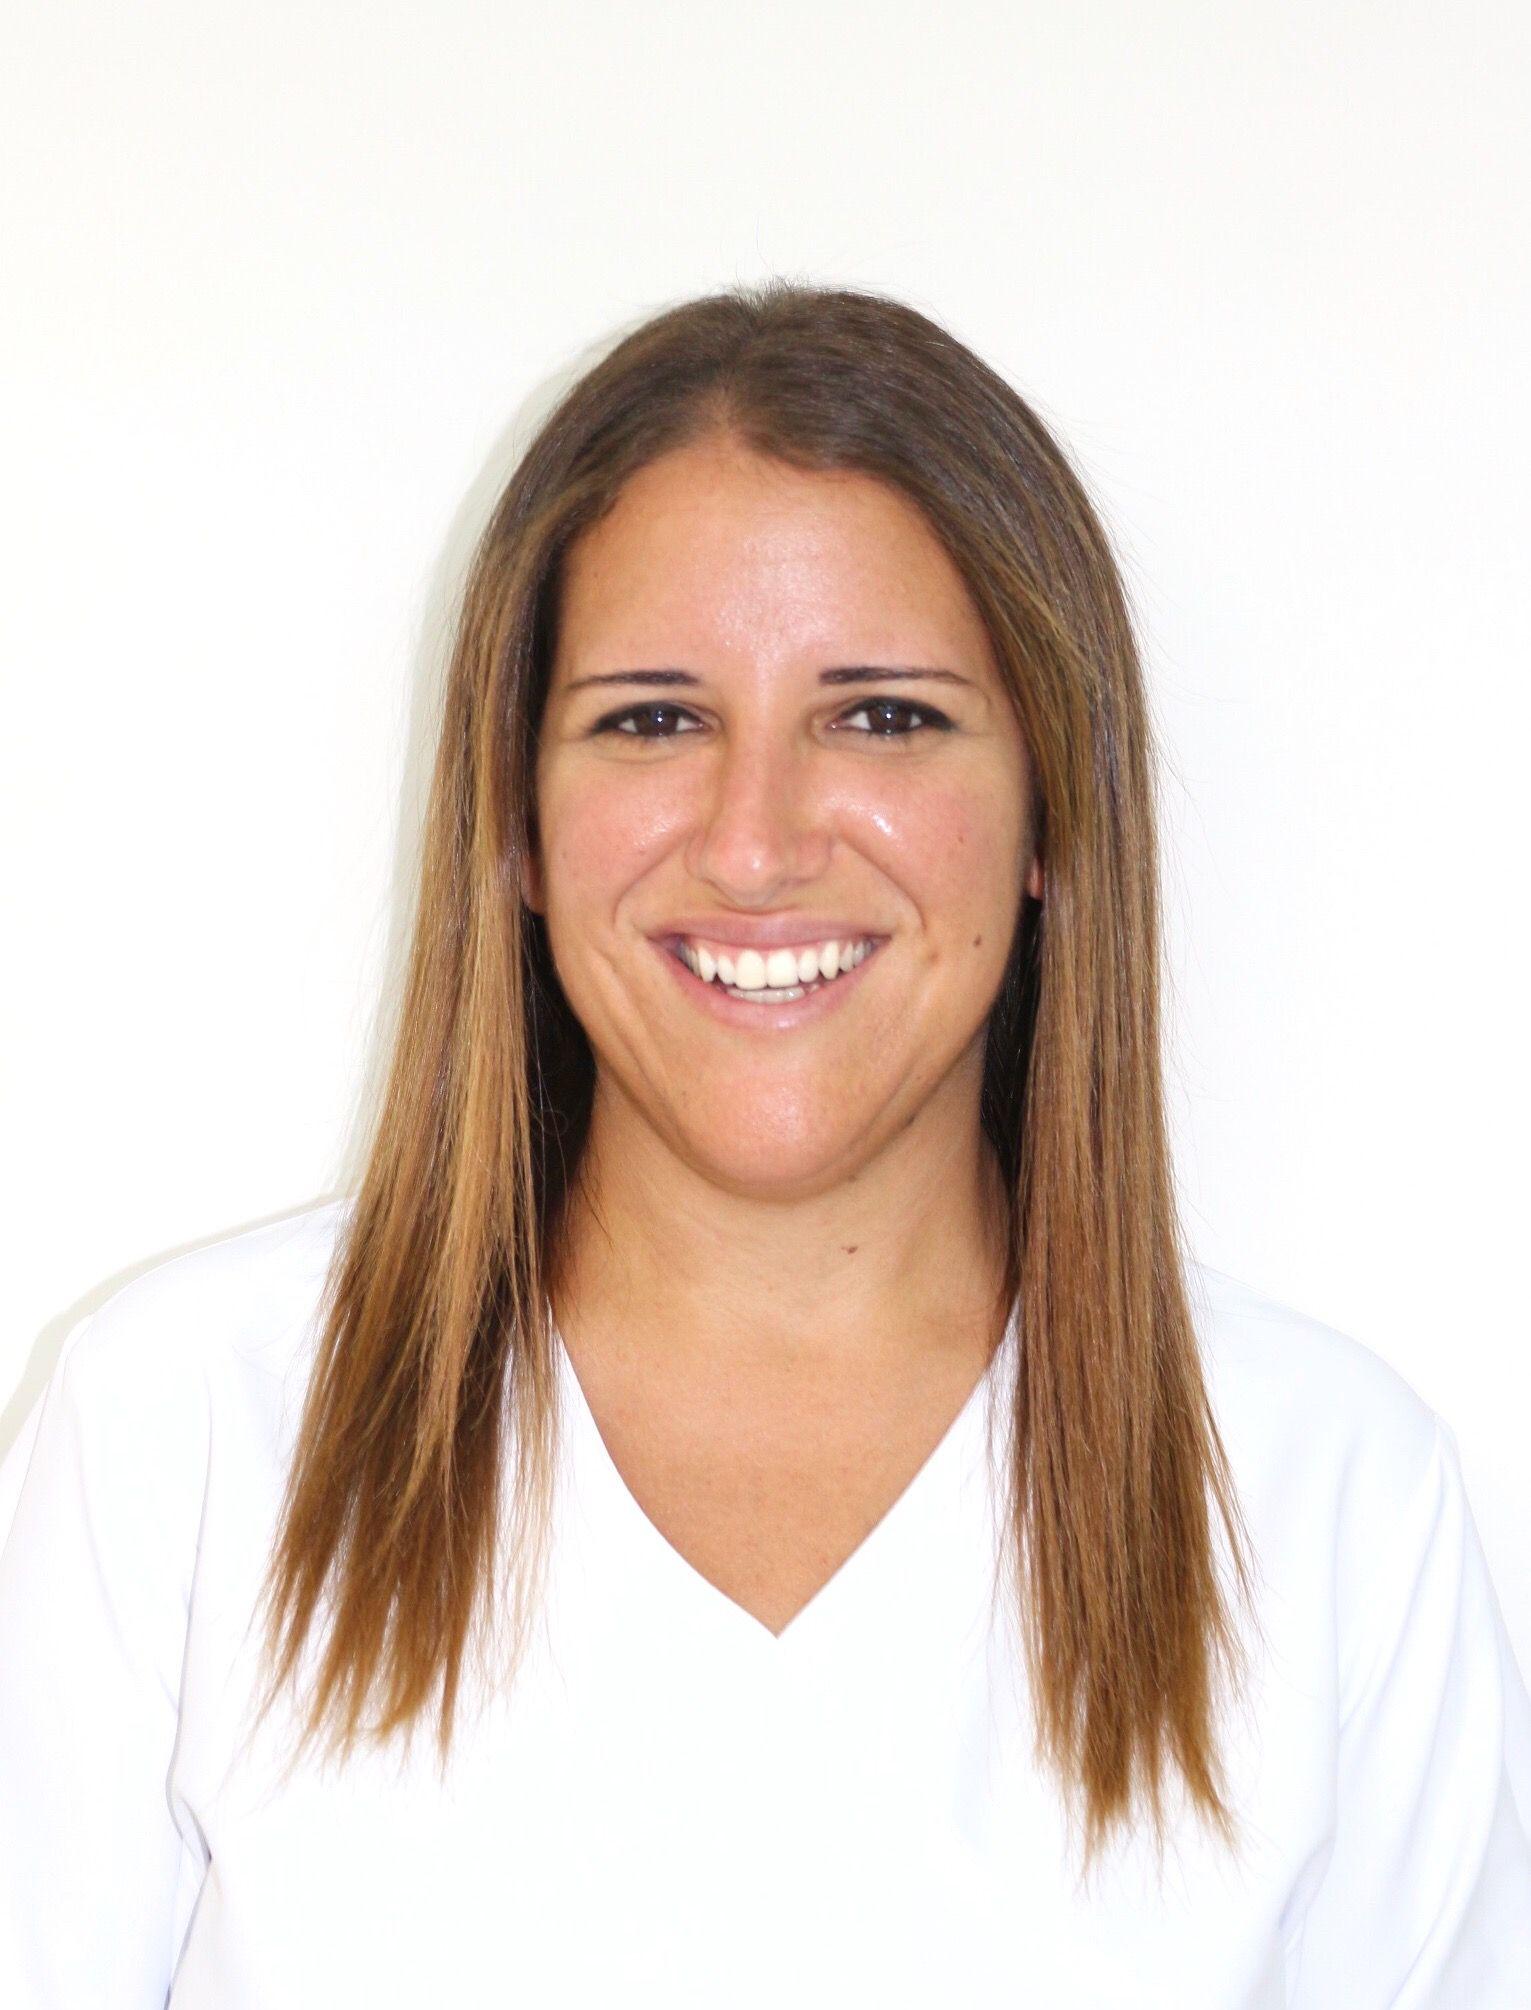 Dentista en Tenerife - Dra. Ethel Martin Acosta